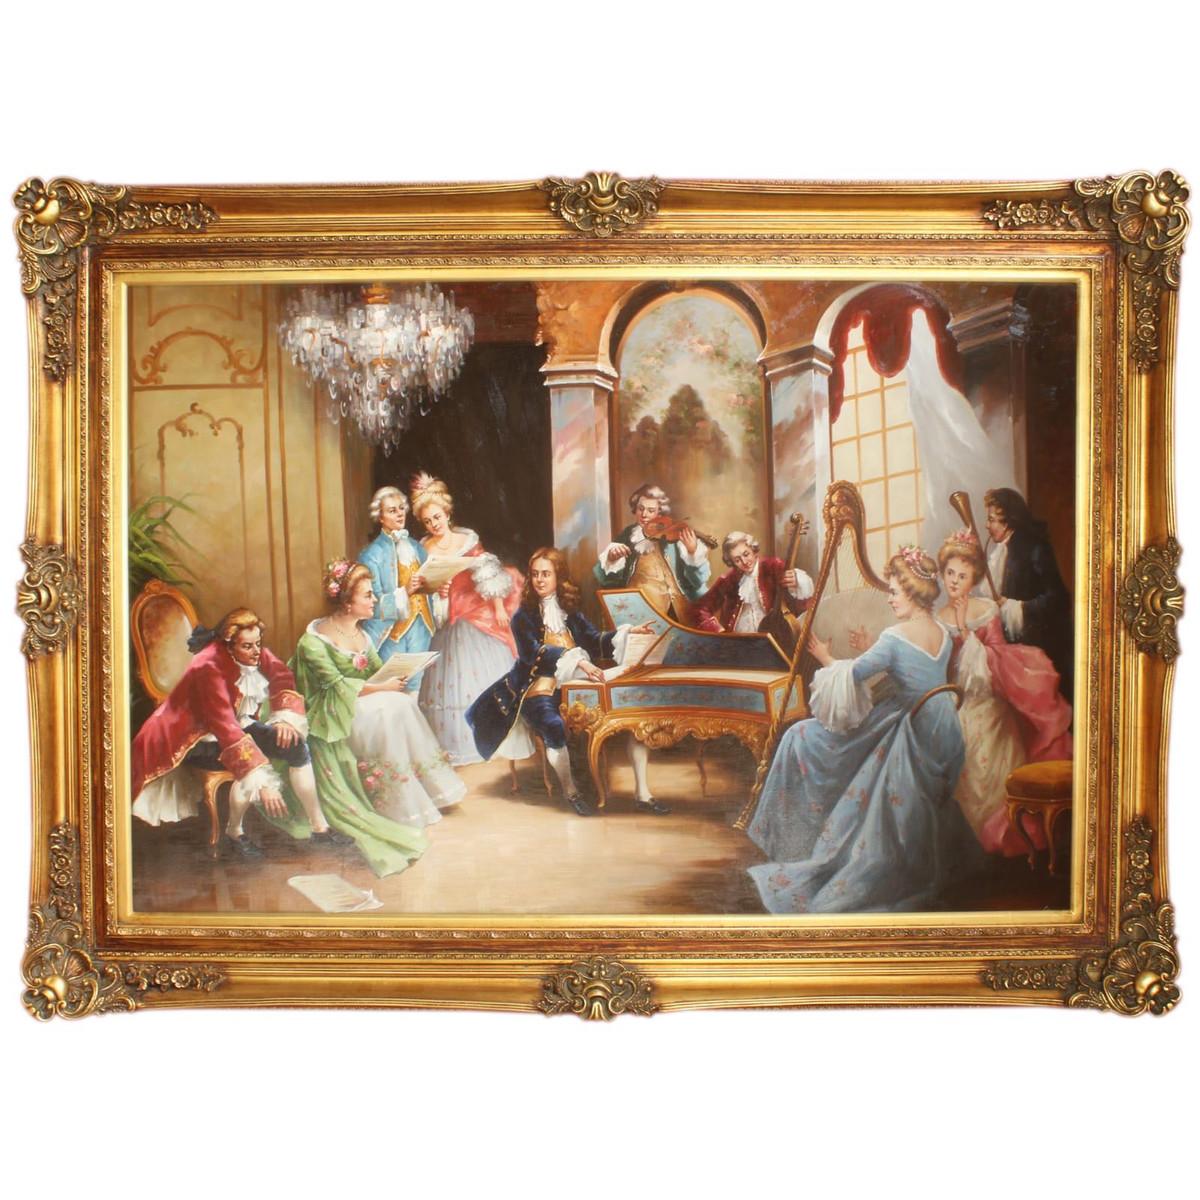 Riesiges Handgemaltes Barock Öl Gemälde Abend Mit Klassischer Musik Mod.2  Gold Prunk Rahmen 225